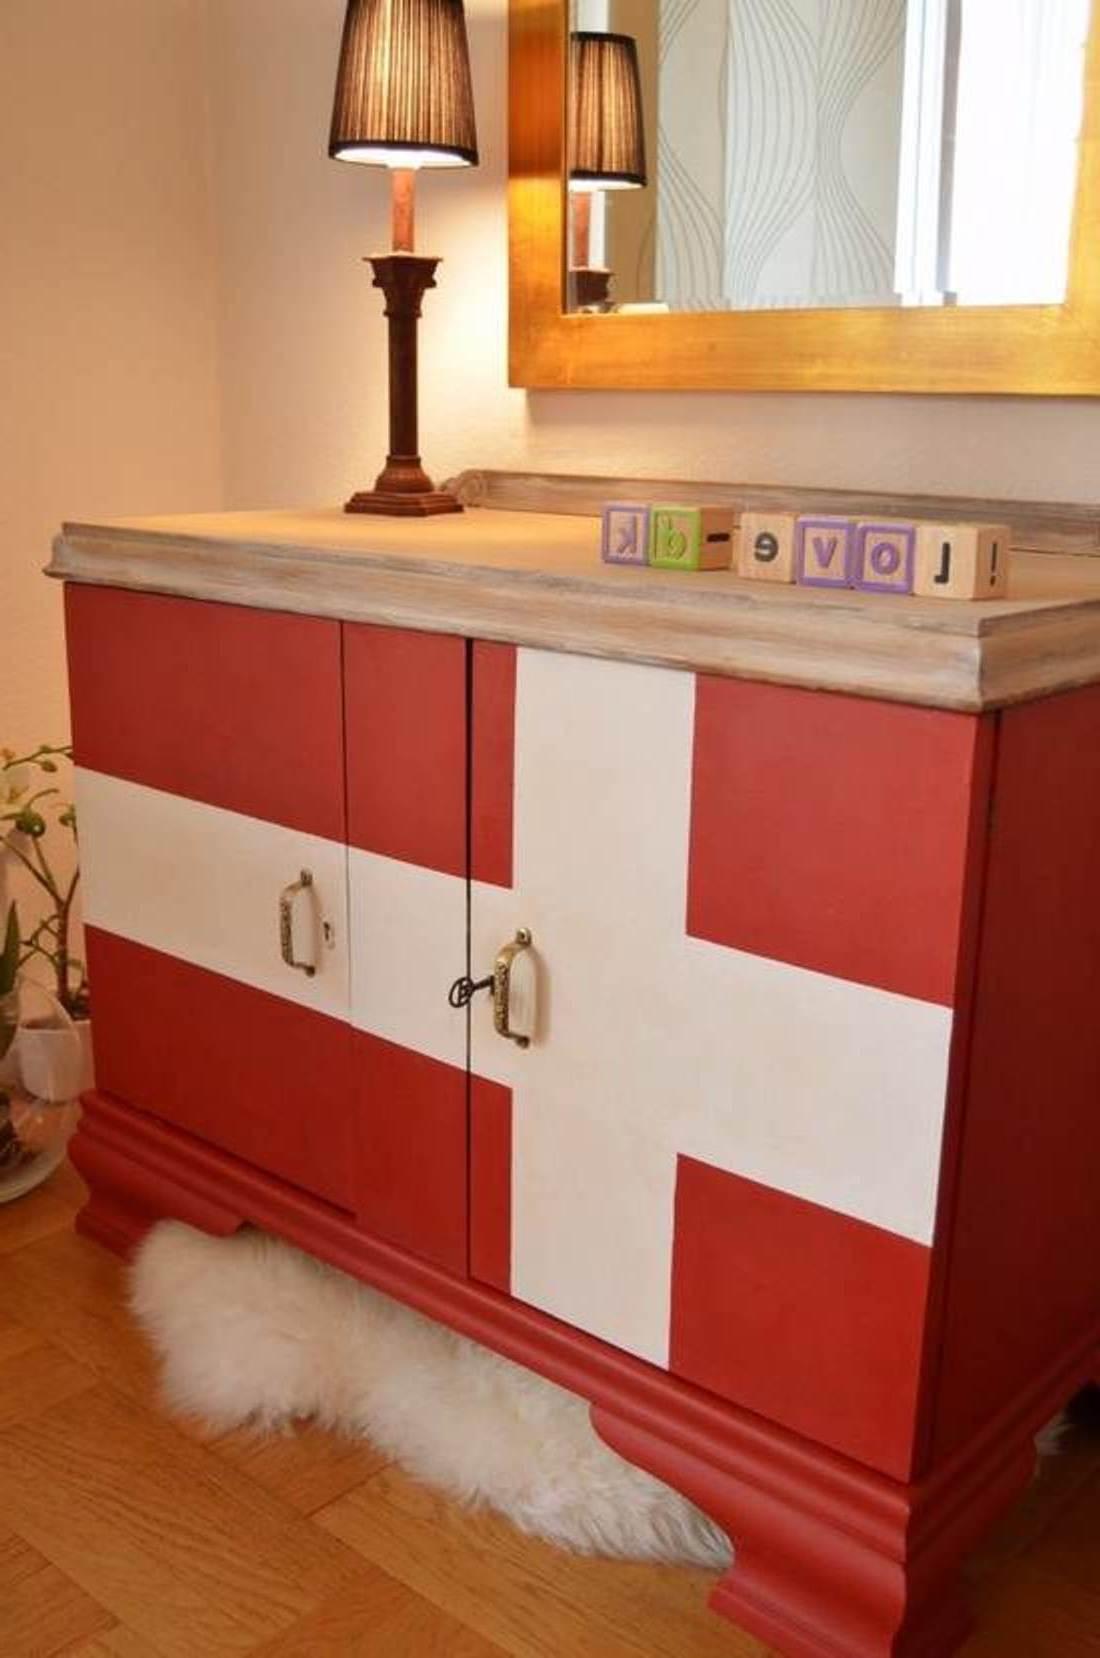 kreative wohnidee flur mit sideboard flur aus holz in rot und weiß streichen